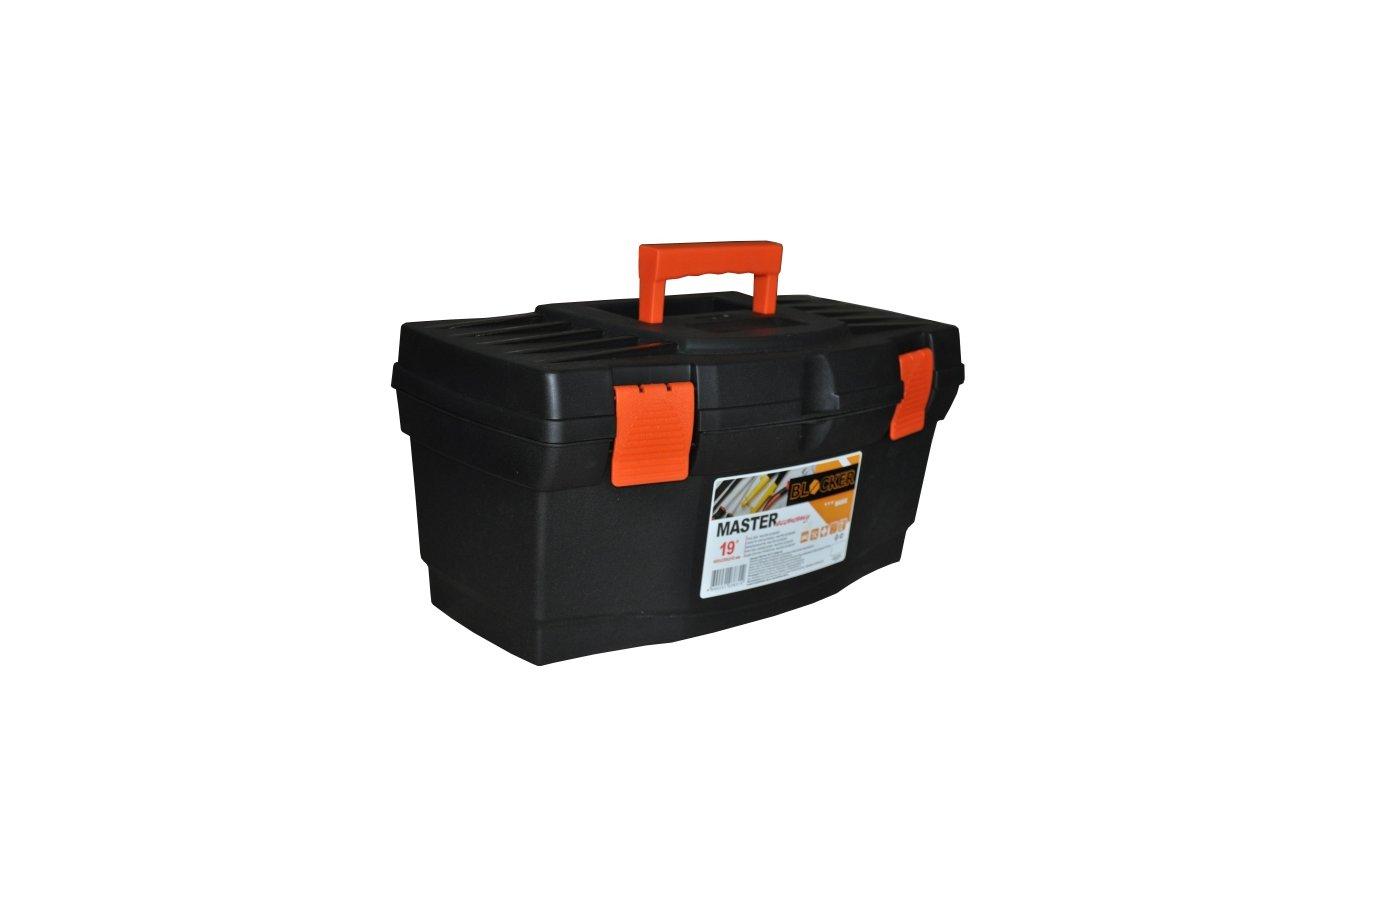 Ящик для инструмента BLOCKER ПЦ3708 Master Economy 16 Ящик д/инструментов